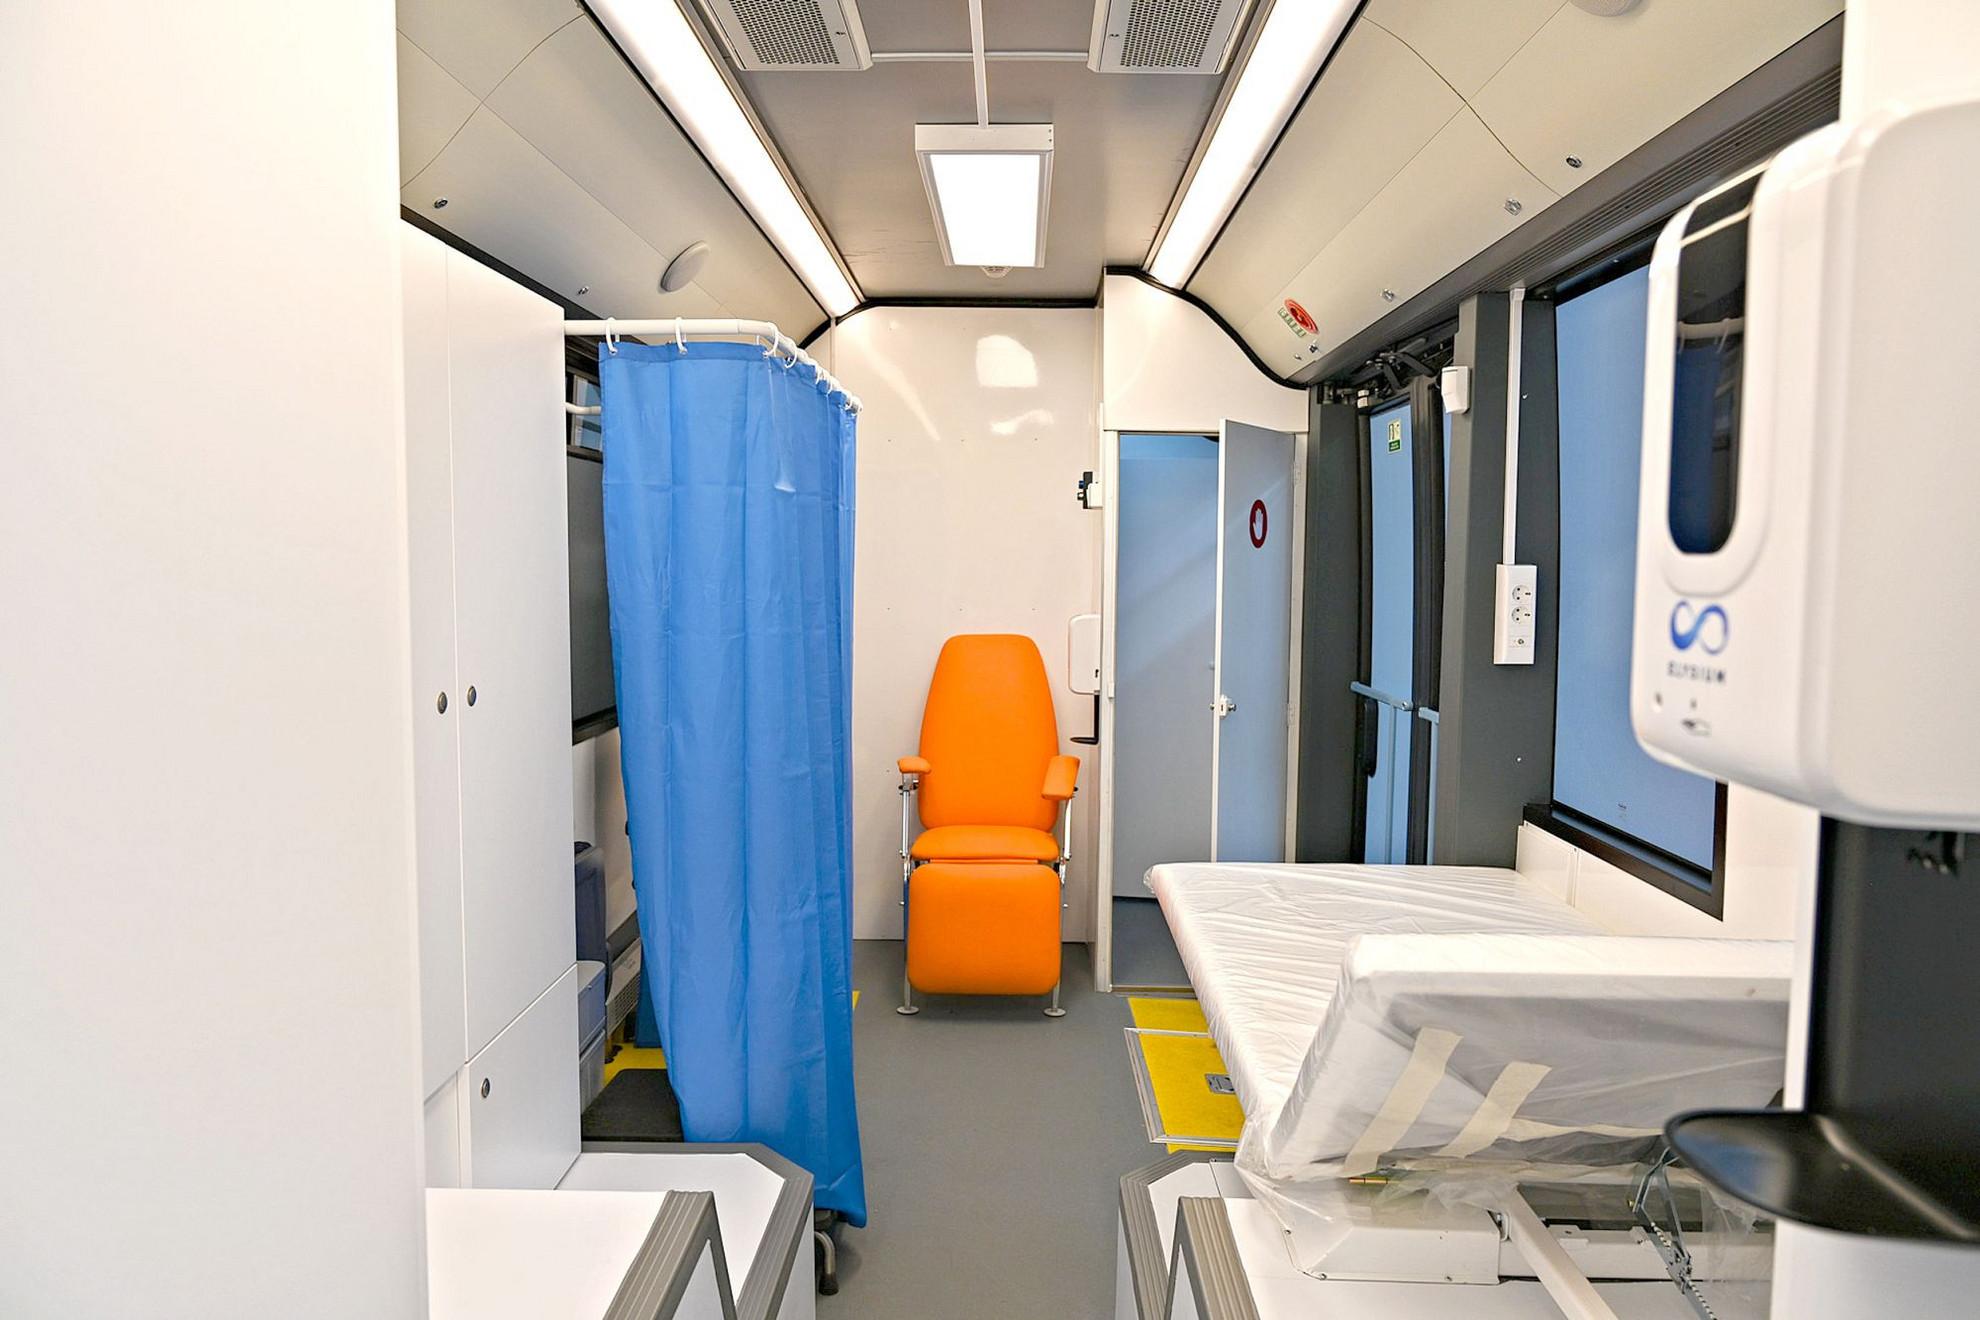 A speciális belső tér egy teljesen korszerű és minden egészségügyi előírásnak megfelelő orvosi rendelőként funkcionál majd